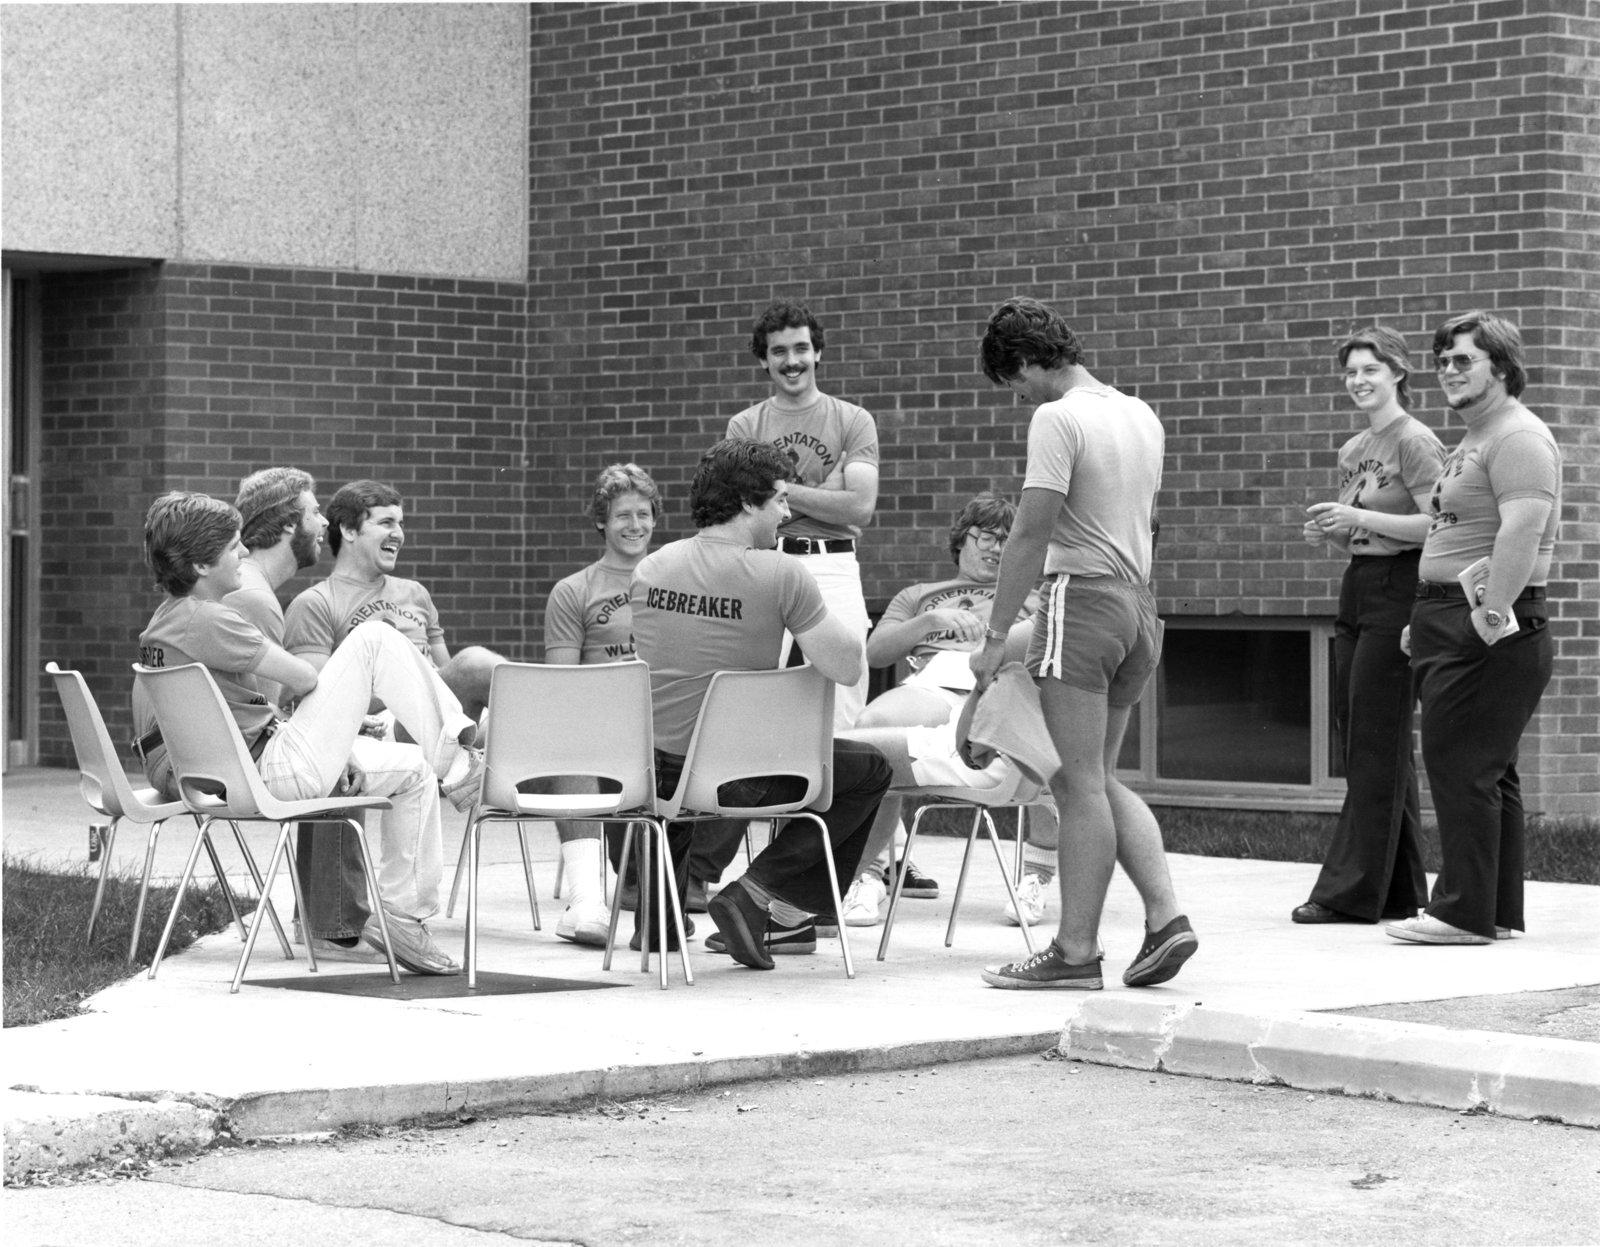 Wilfrid Laurier University Orientation Week, 1979